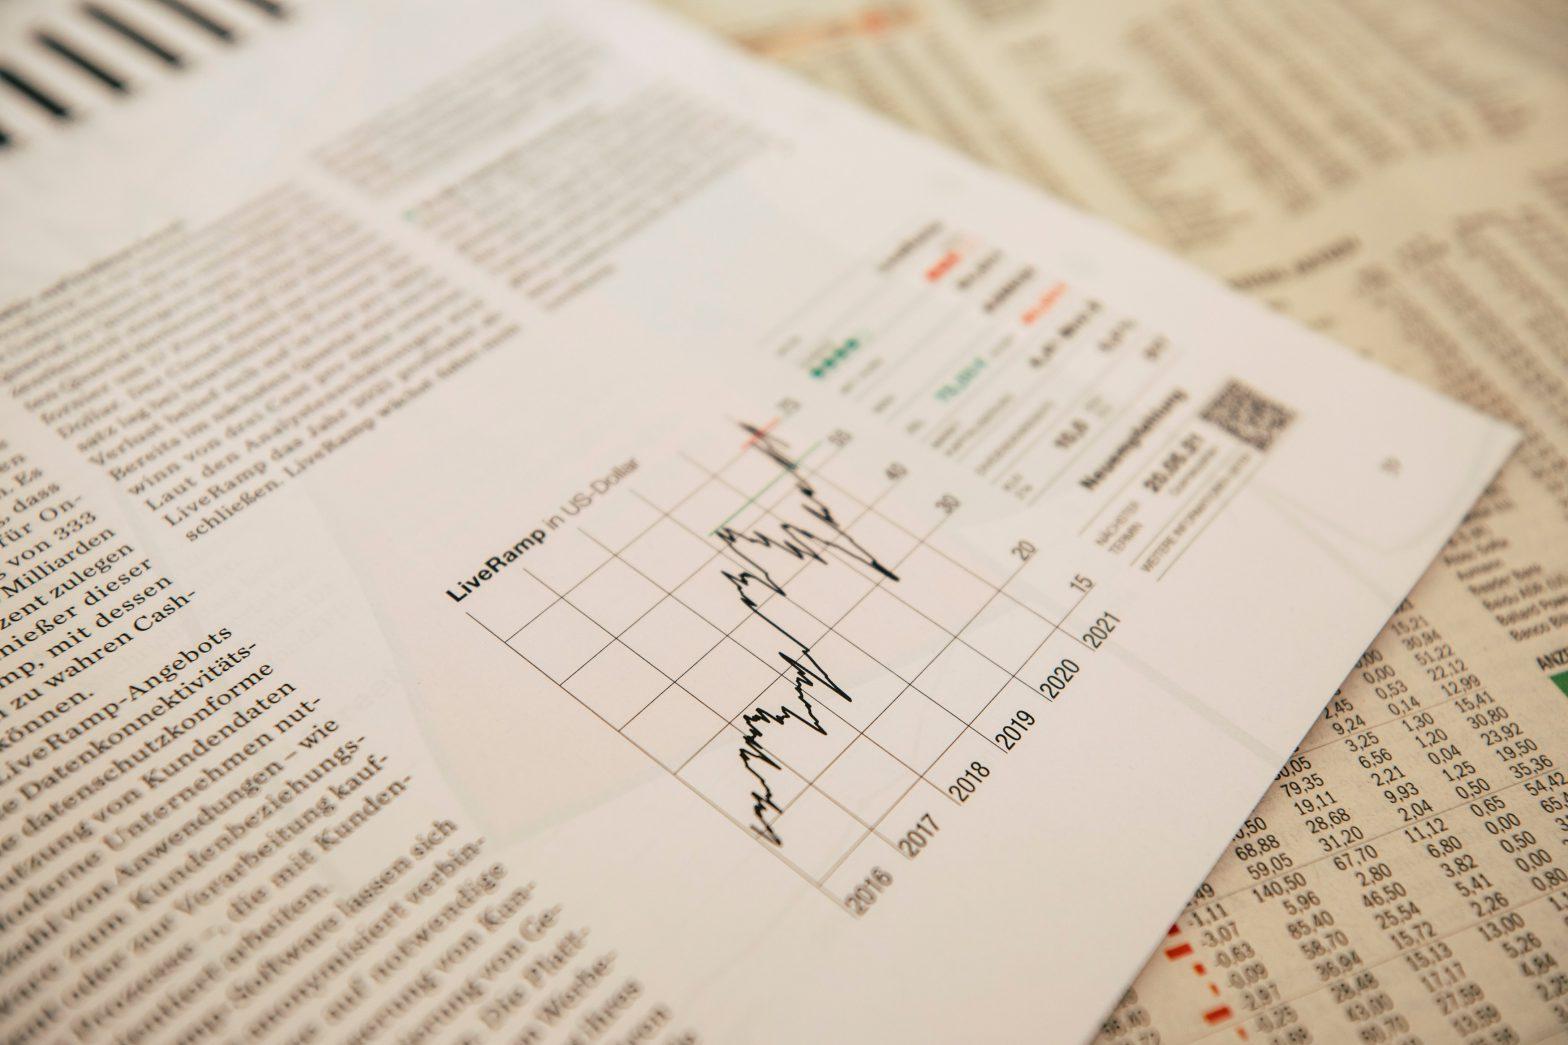 Podatek od giełdy – kiedy i kto się musi rozliczyć?